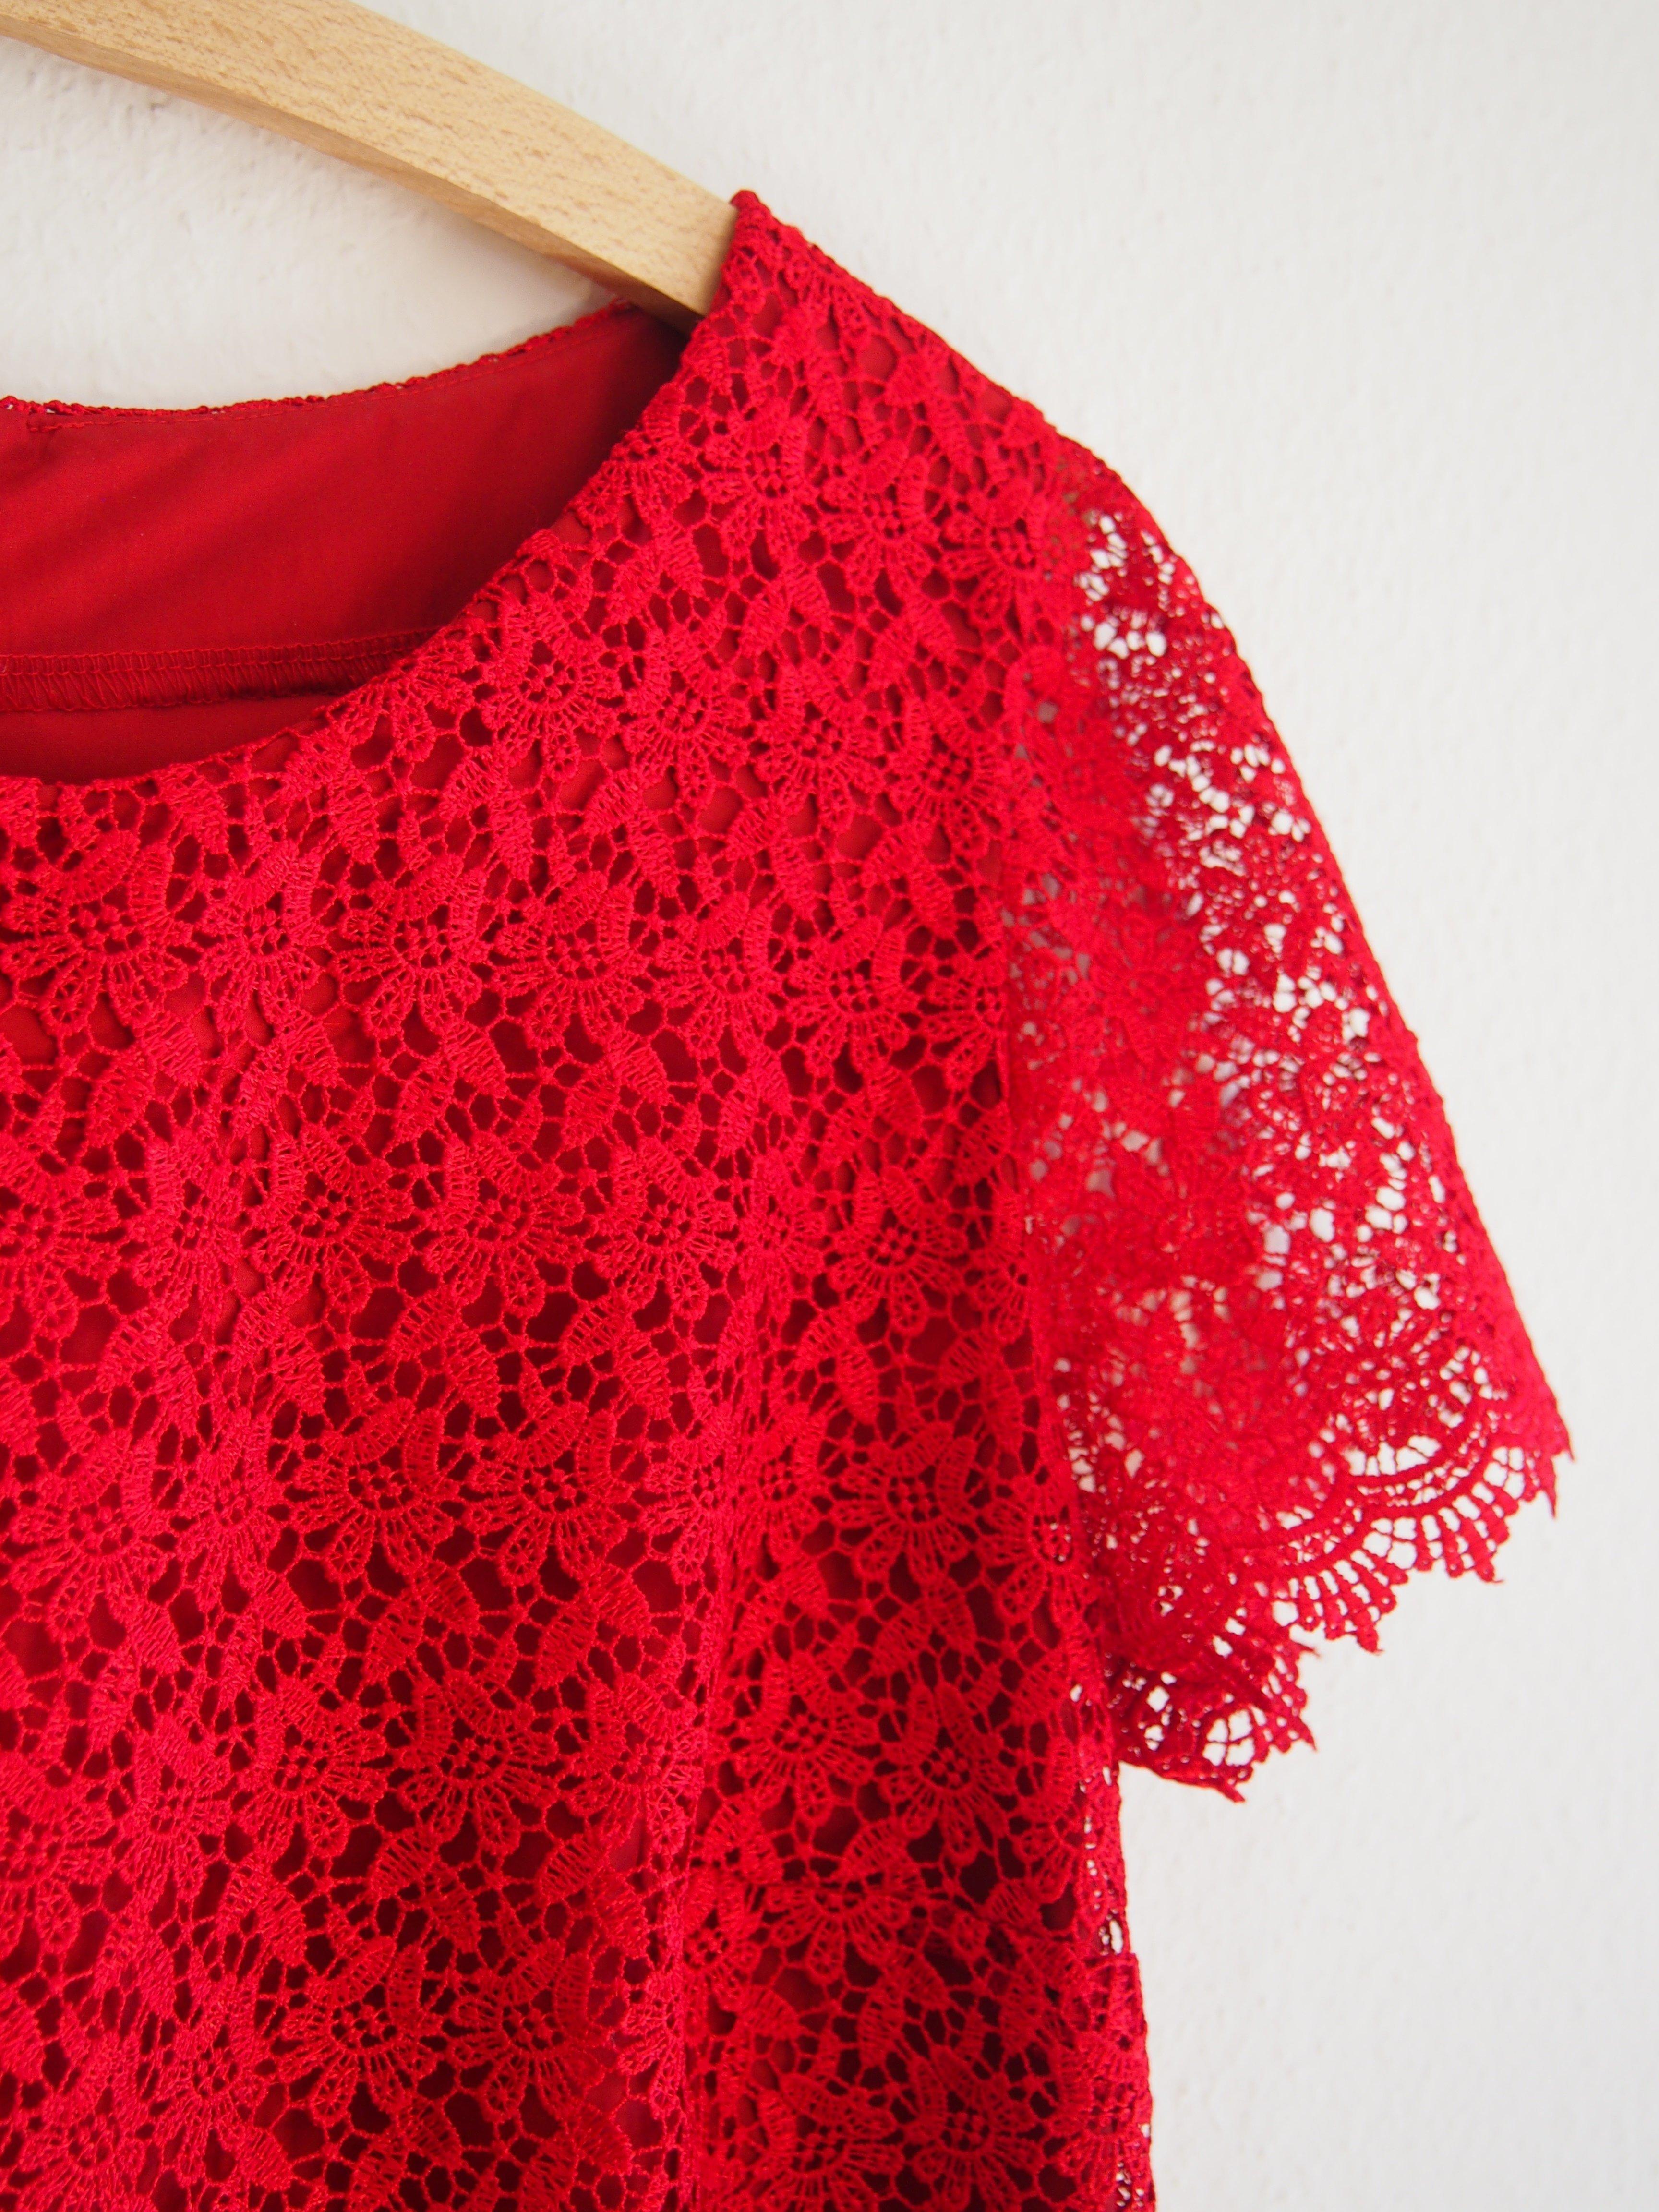 Ein Kleid Aus Spitze Nahen Nahbeschreibung Fur Ein Festliches Kleid Aus Spitze